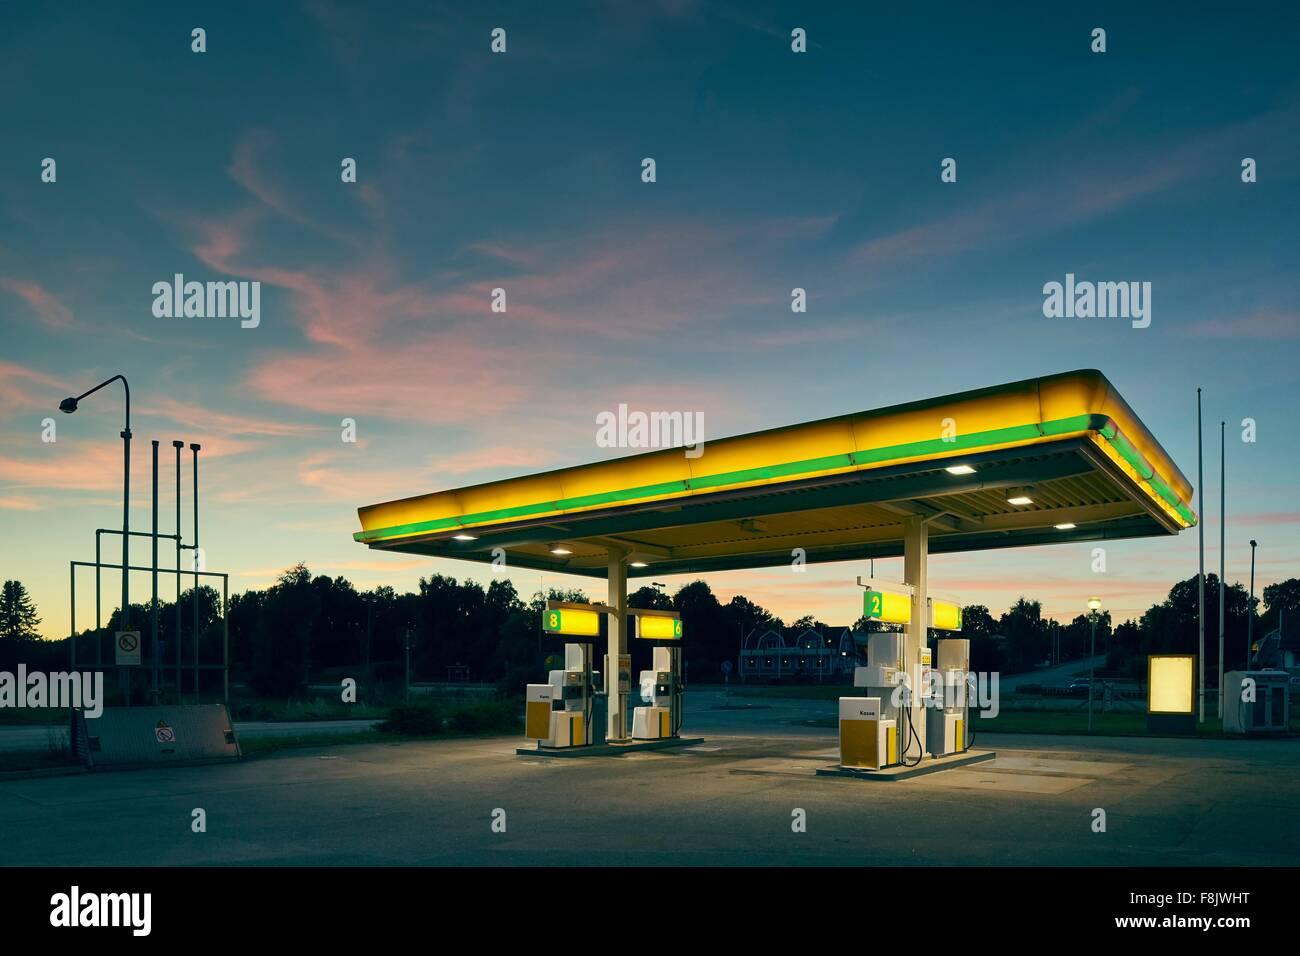 Empty gas station at dusk, Kalmar, Sweden - Stock Image